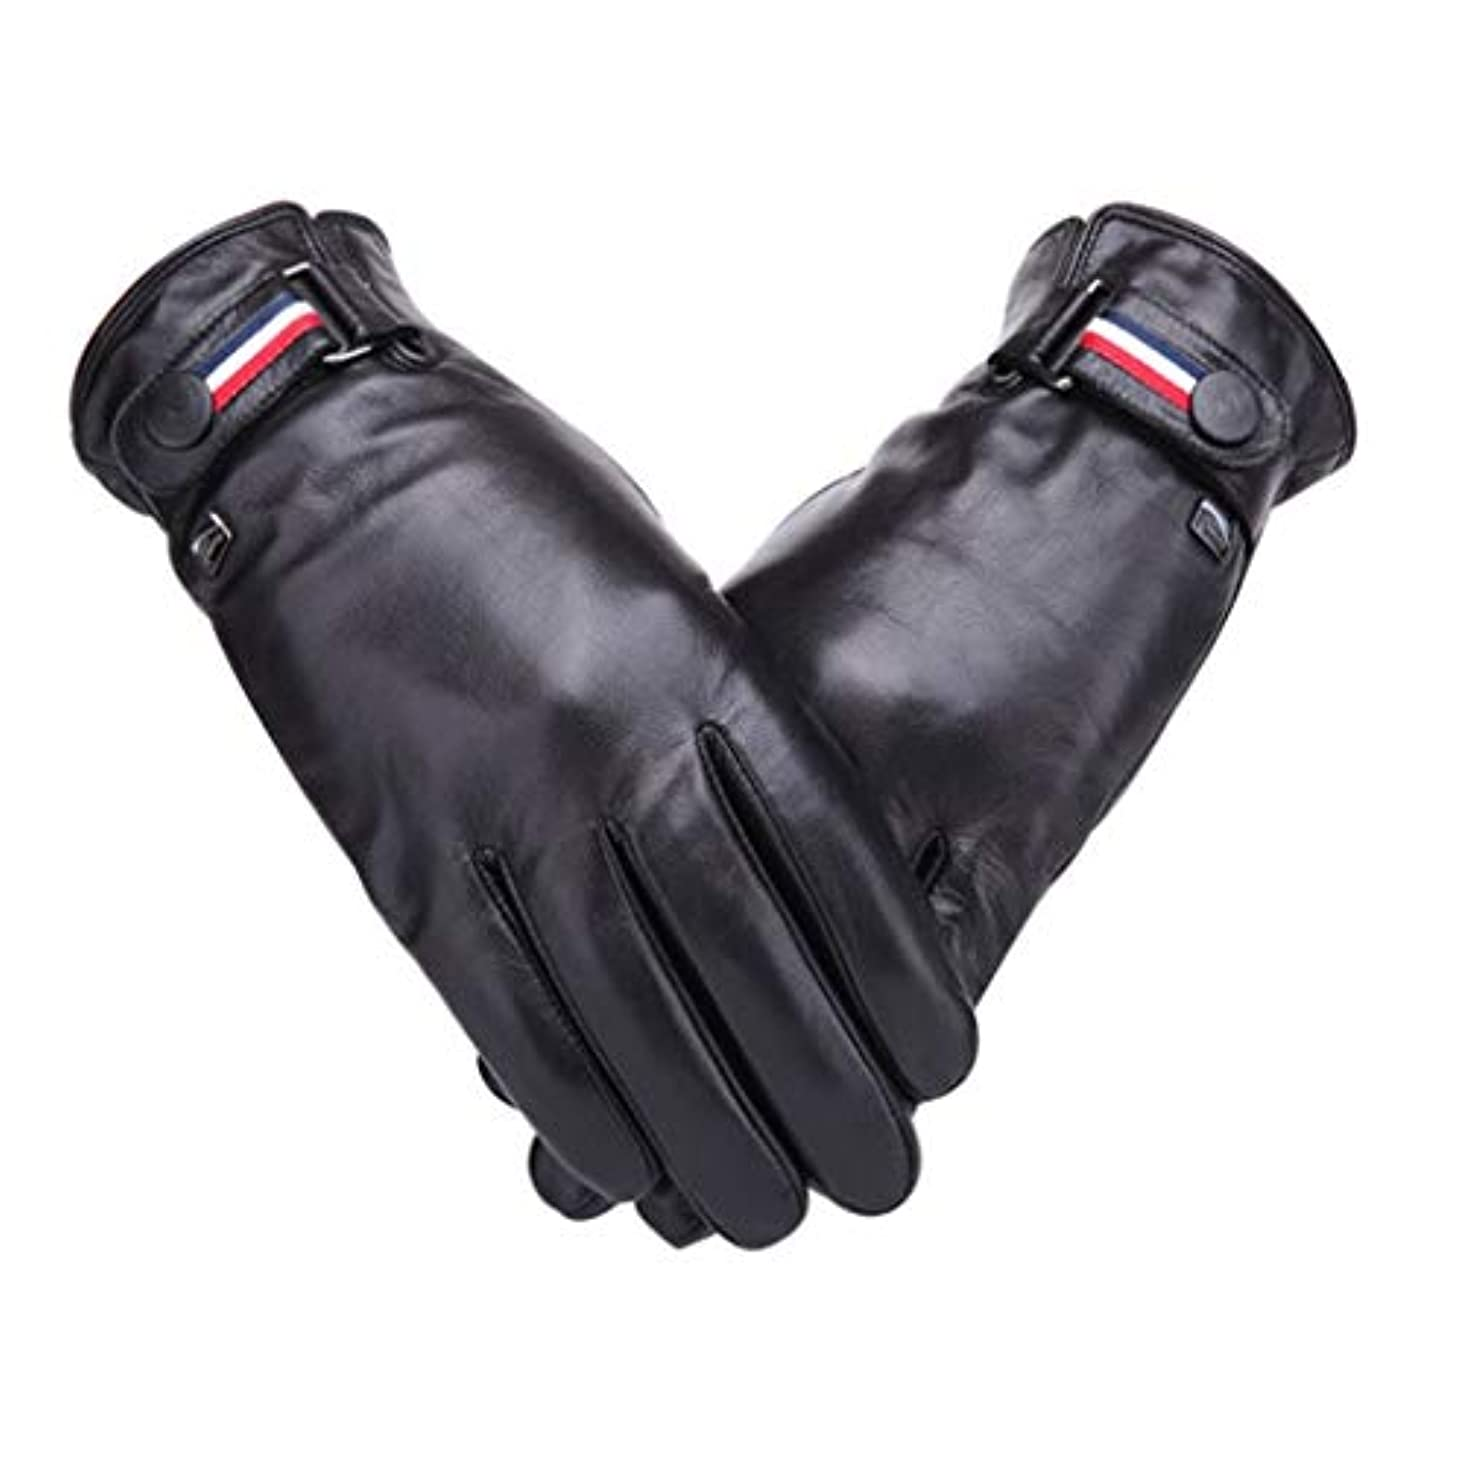 珍しいモザイクいいね羊皮の手袋の男性秋と冬のサイクリングwindproof暖かいプラスベルベットの肥厚の男性の手袋